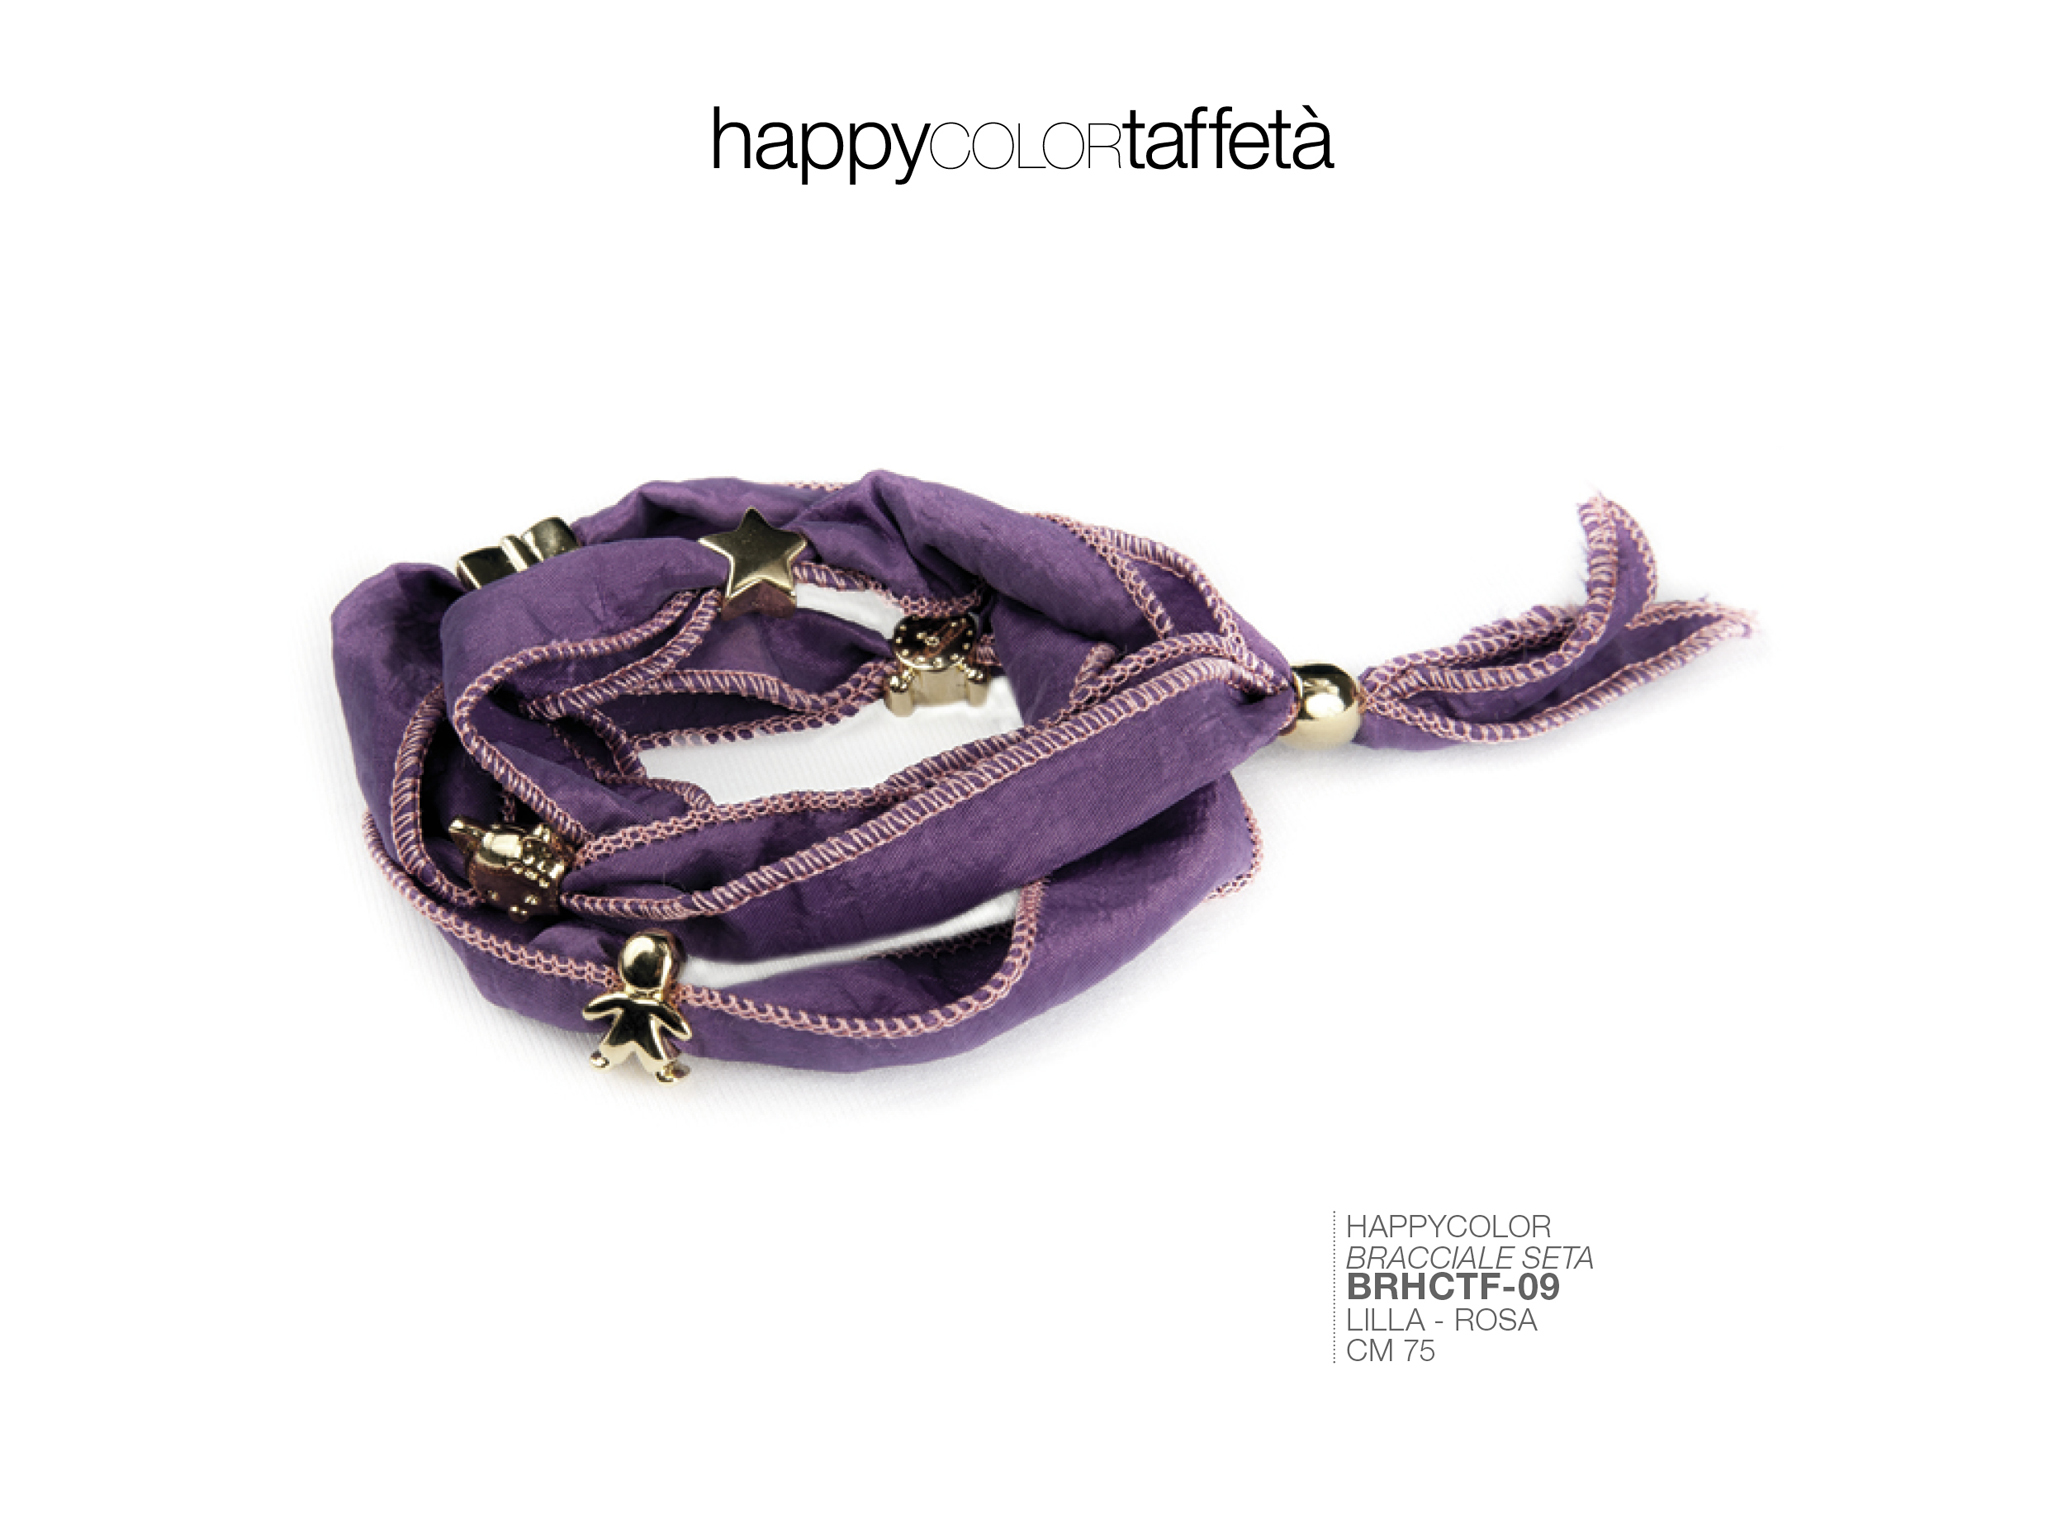 happycolor_taffeta_pagina_10_app